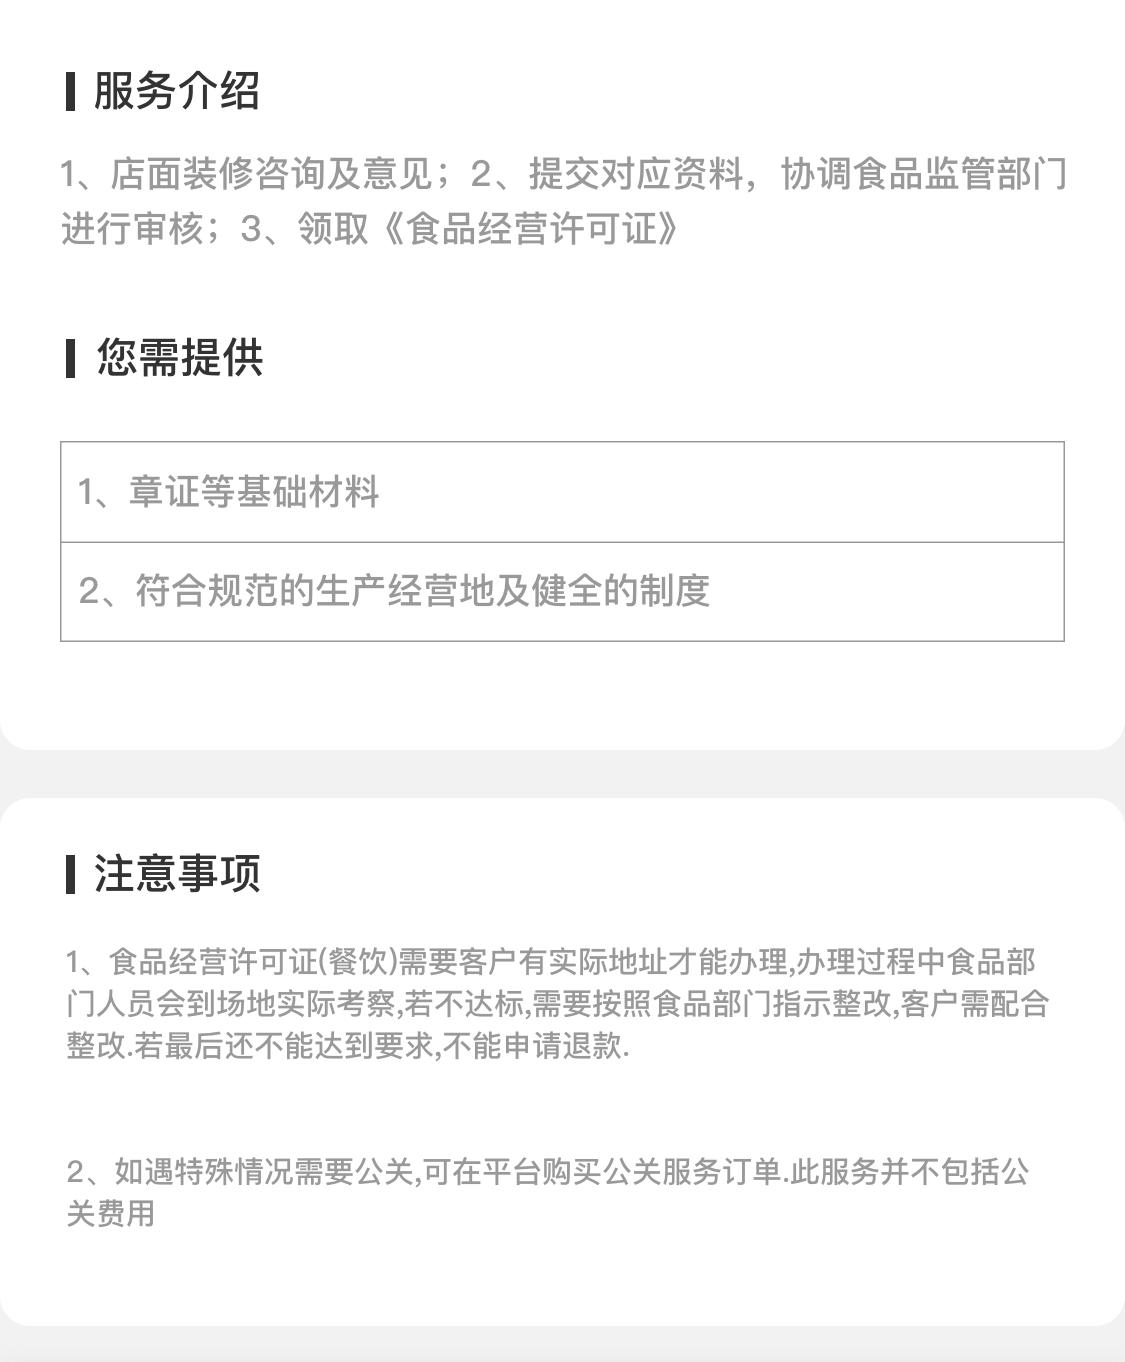 食品经营许可证-餐饮.png